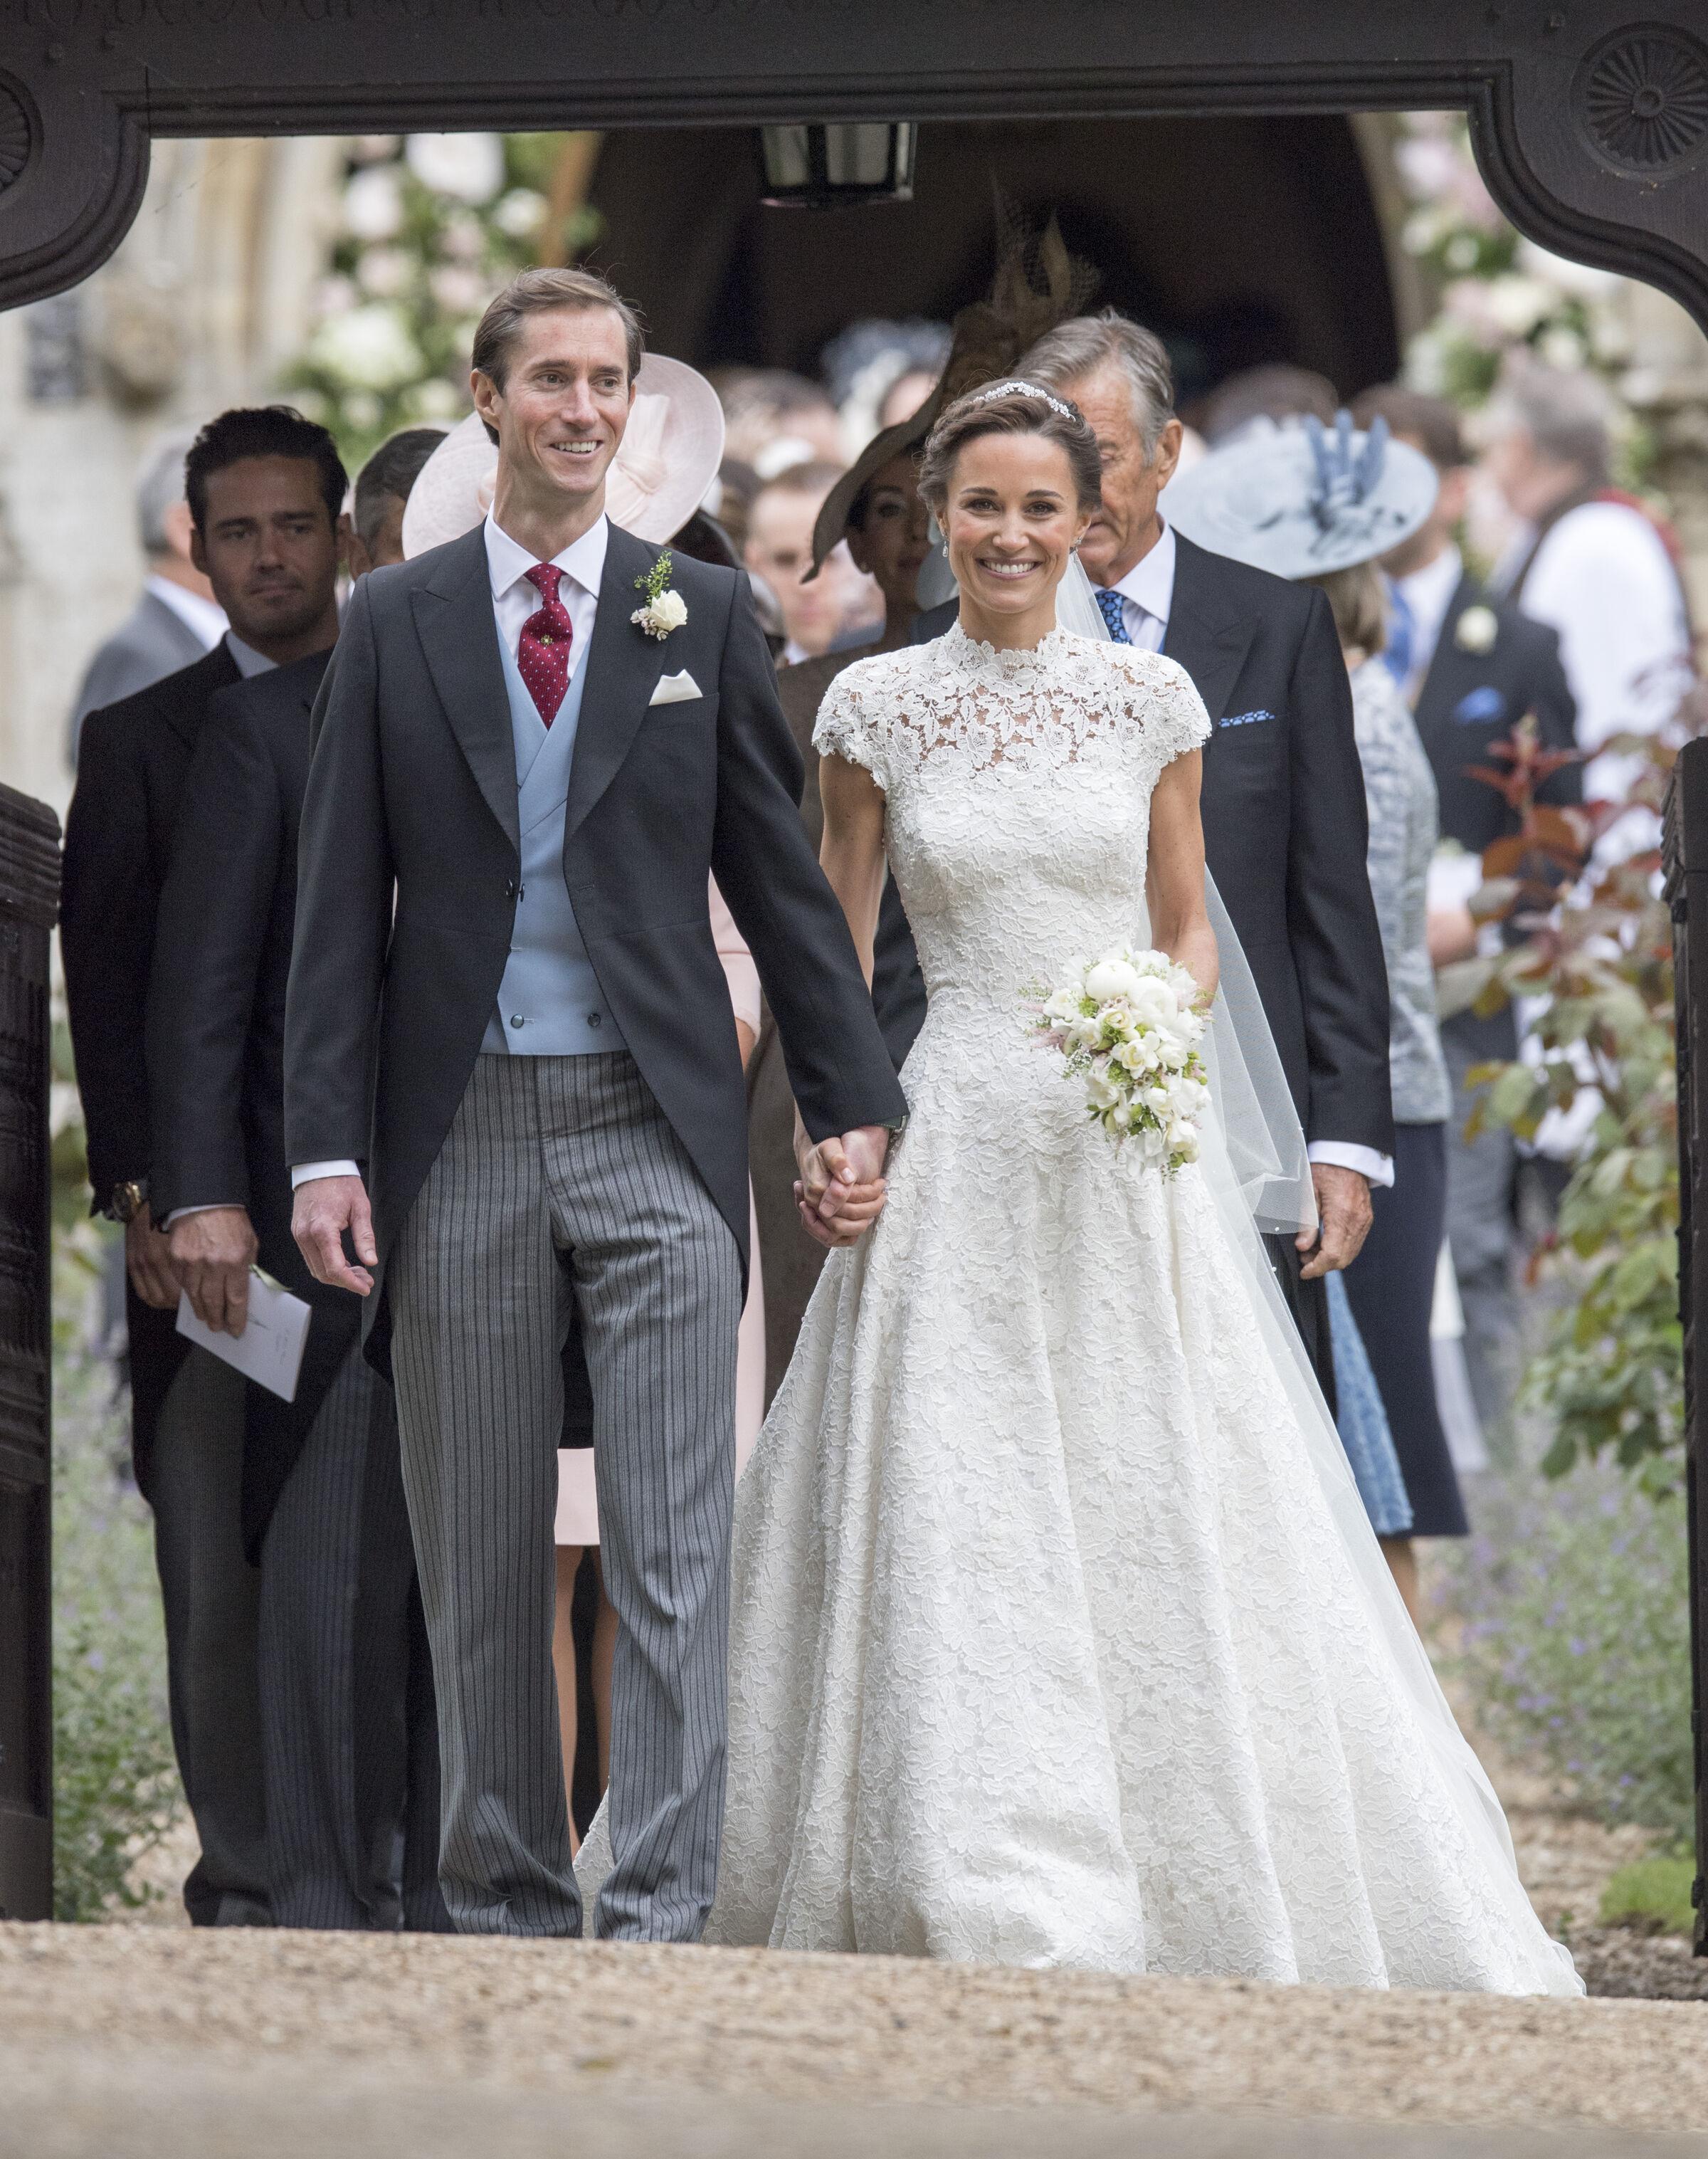 Casamento de Pippa Middleton, irmã de Kate